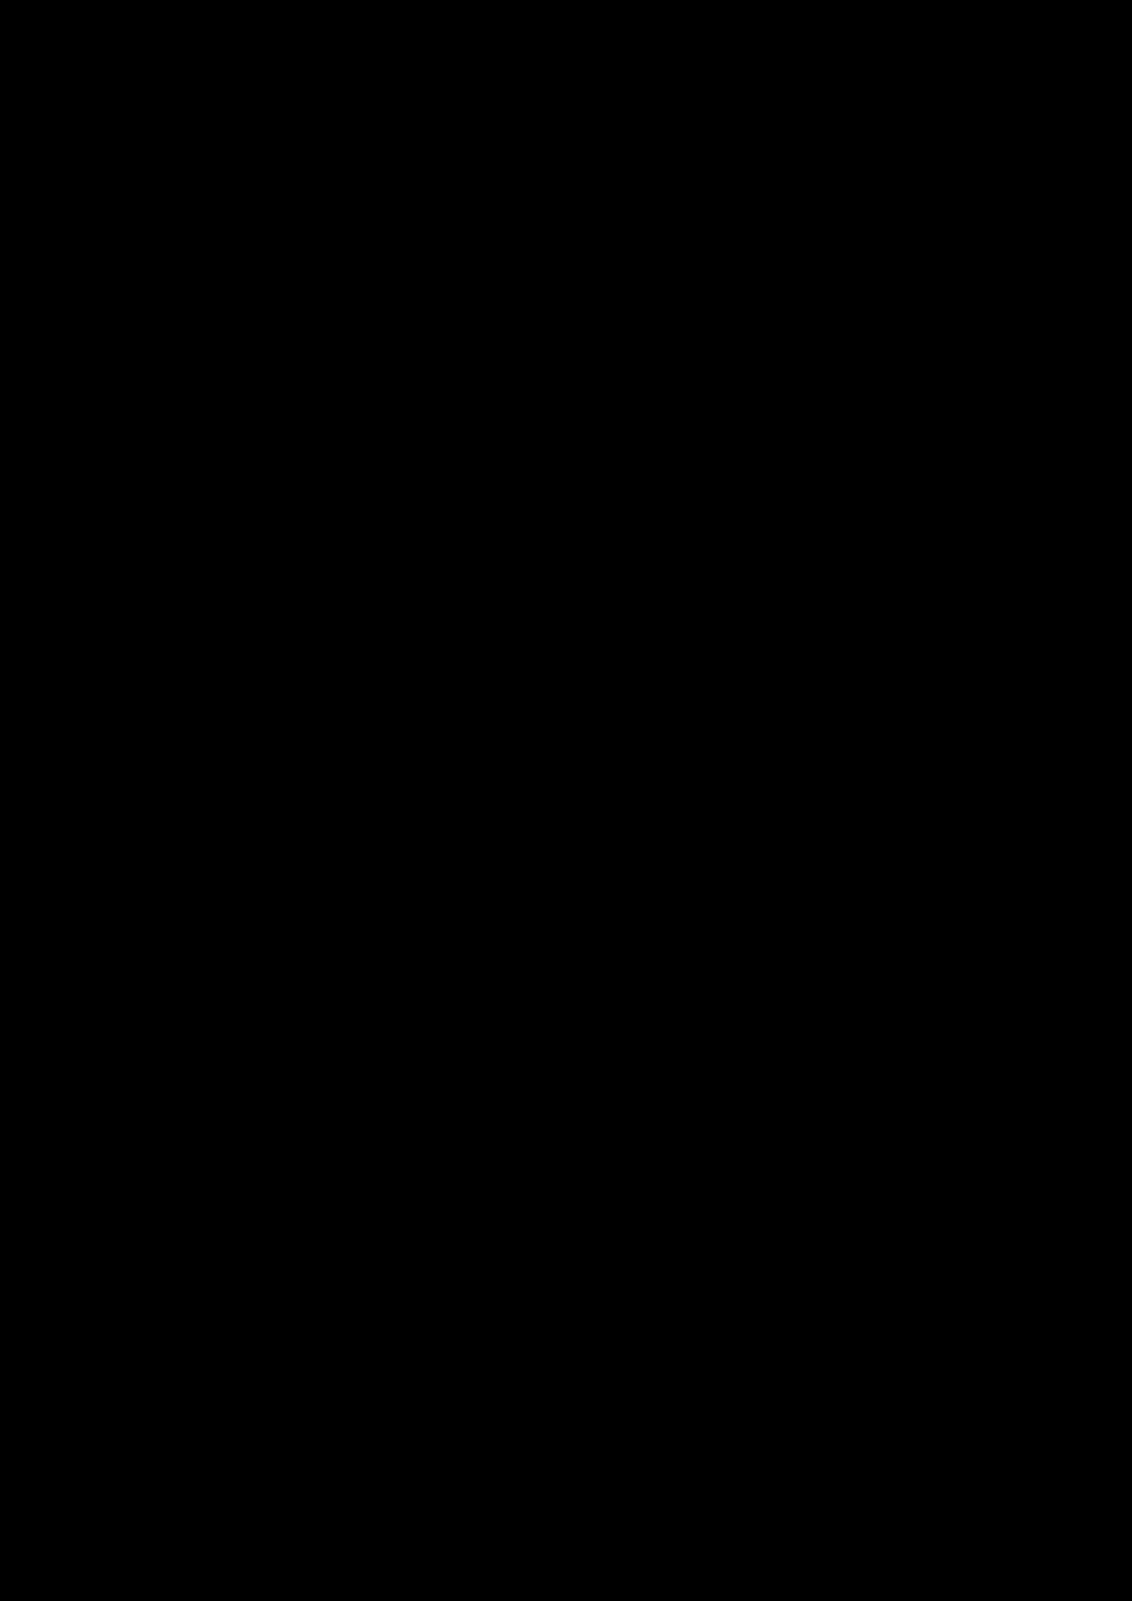 Proschanie s volshebnoy stranoy slide, Image 97